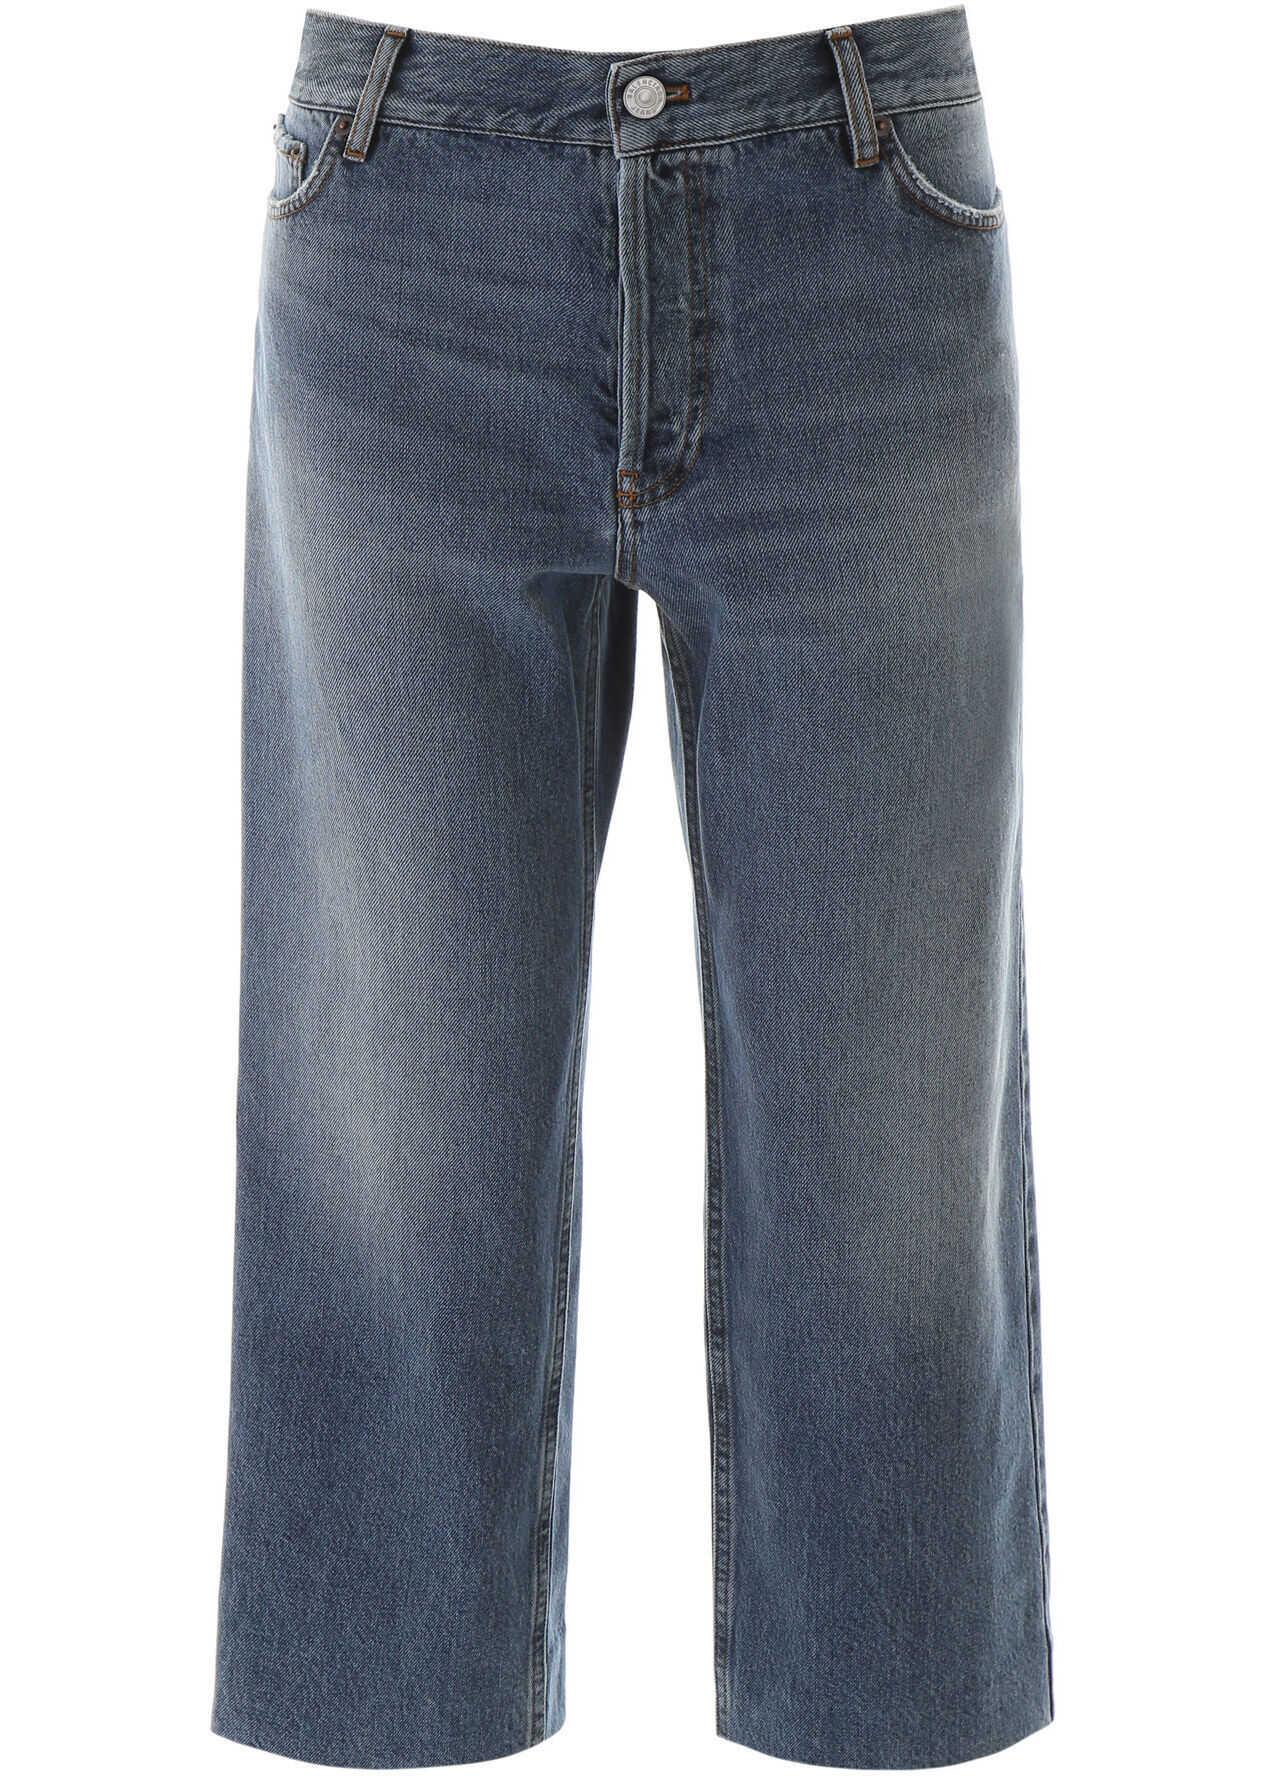 Balenciaga Cropped Jeans LIGHT VINT INDIGO